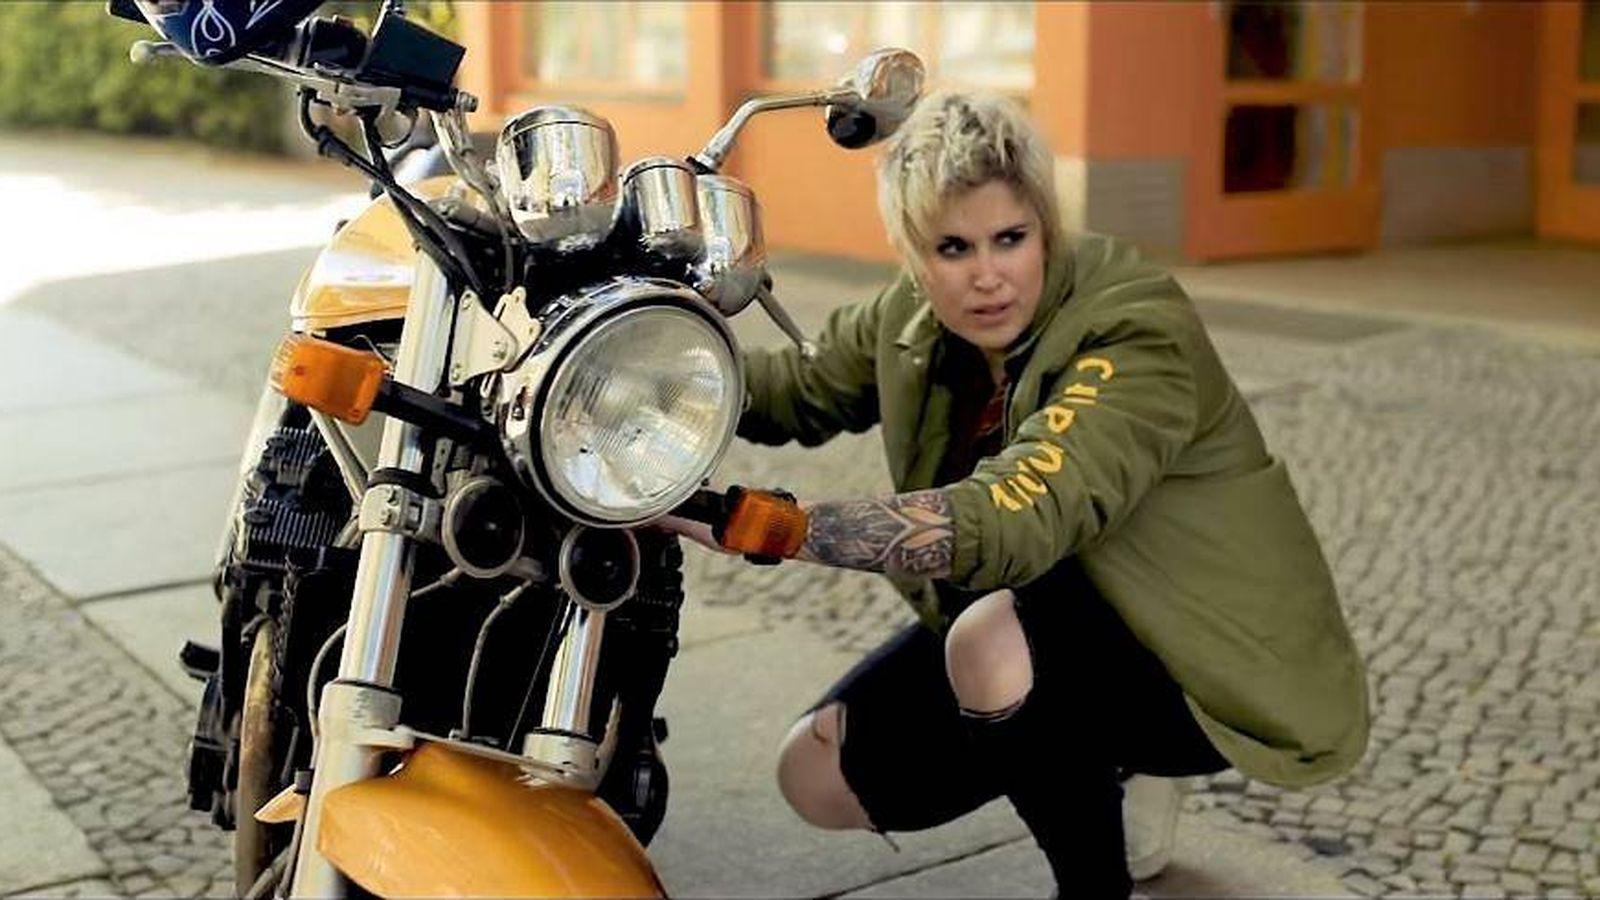 Foto: Fotograma del videoclip de 'One More River'